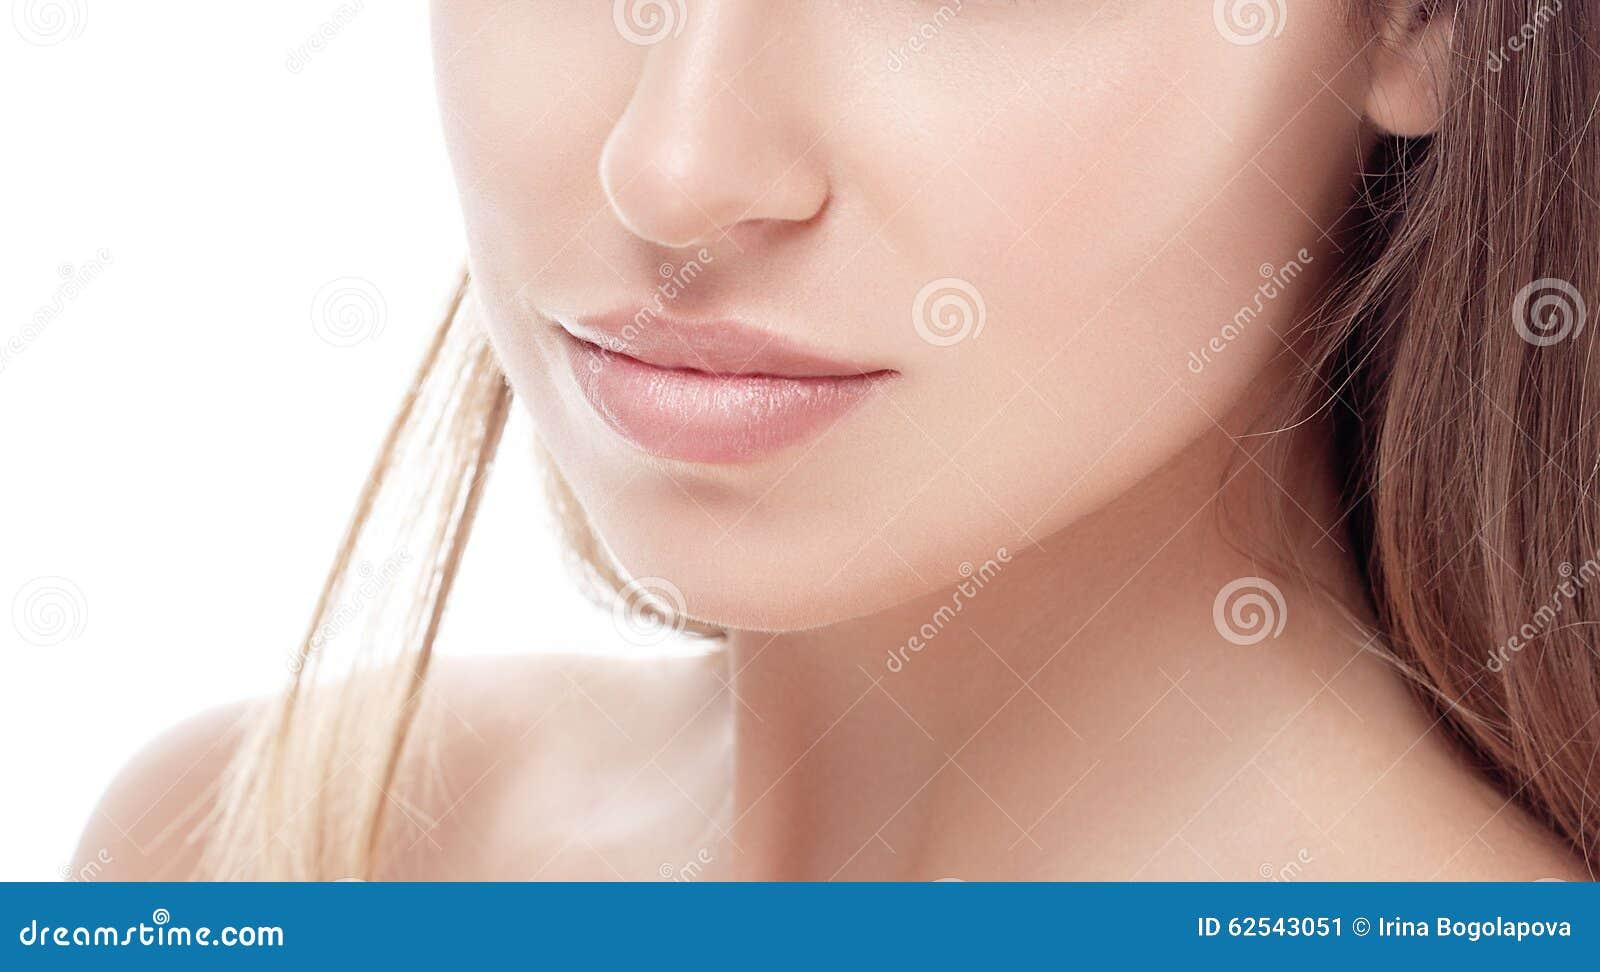 Jong de kin van de vrouwenneus en van het schoudersportret gezicht met sexy lippen